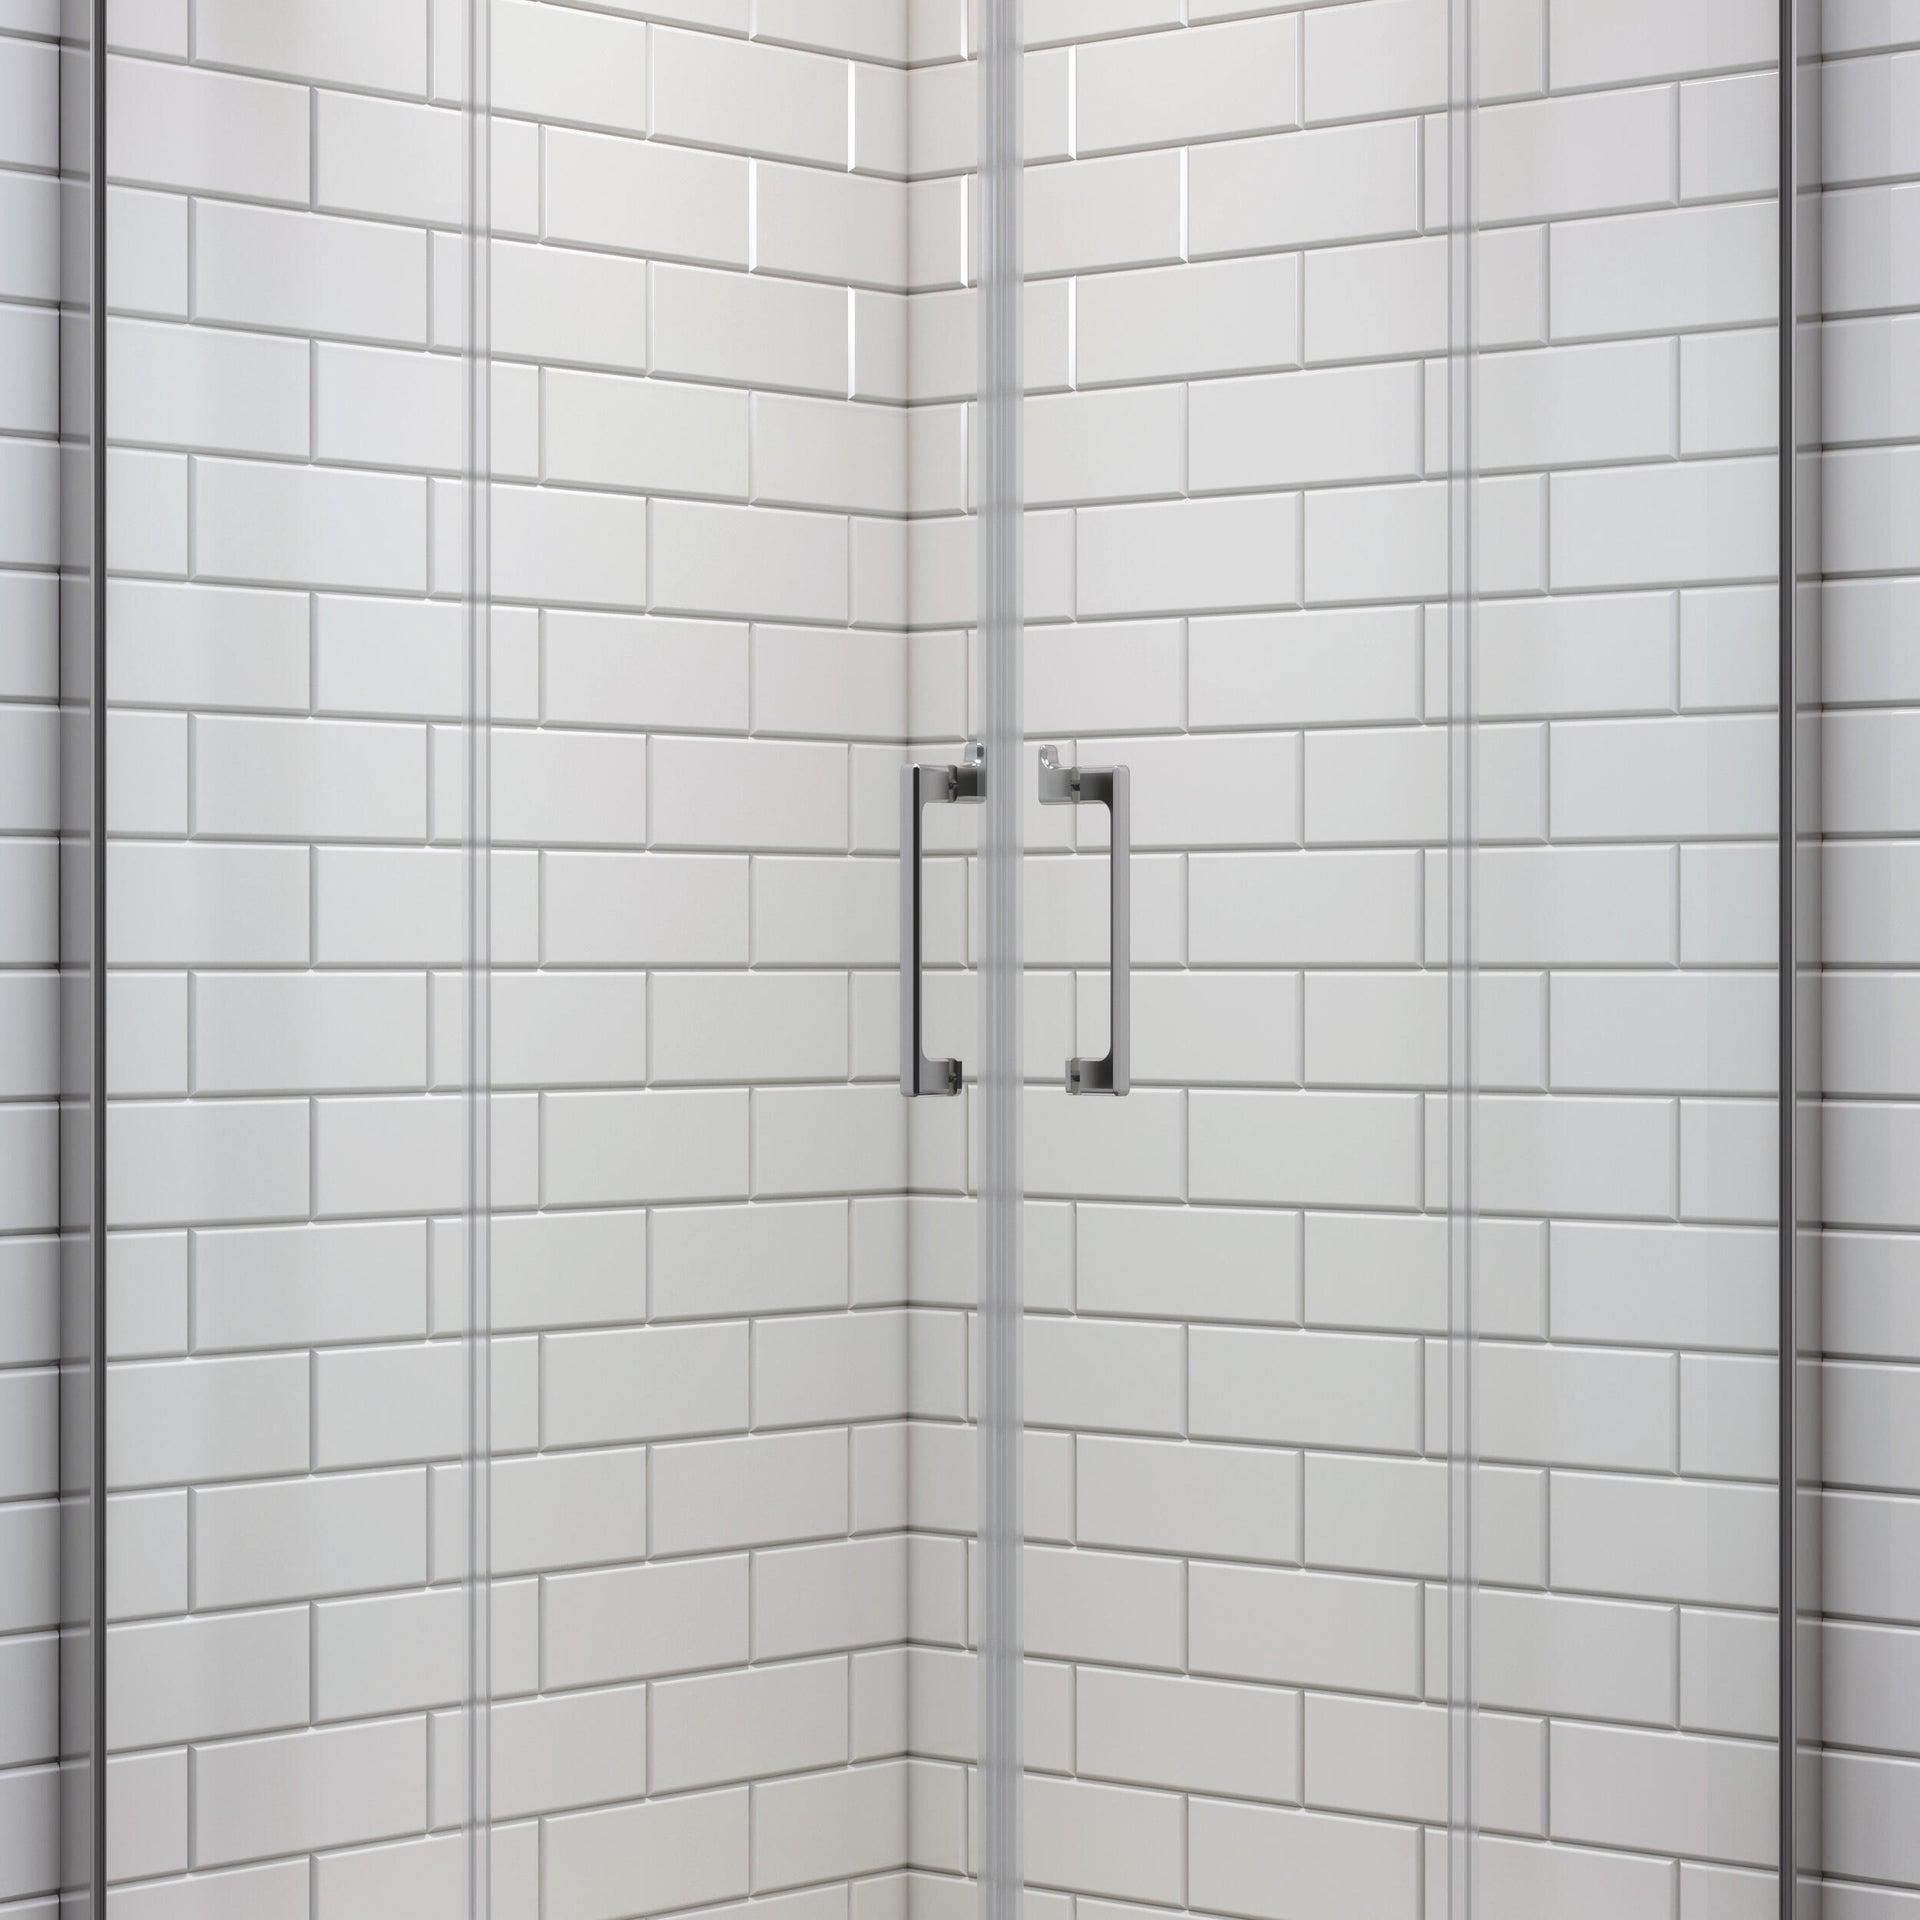 Box doccia rettangolare scorrevole Remix 80 x 120 cm, H 195 cm in vetro temprato, spessore 6 mm trasparente cromato - 9